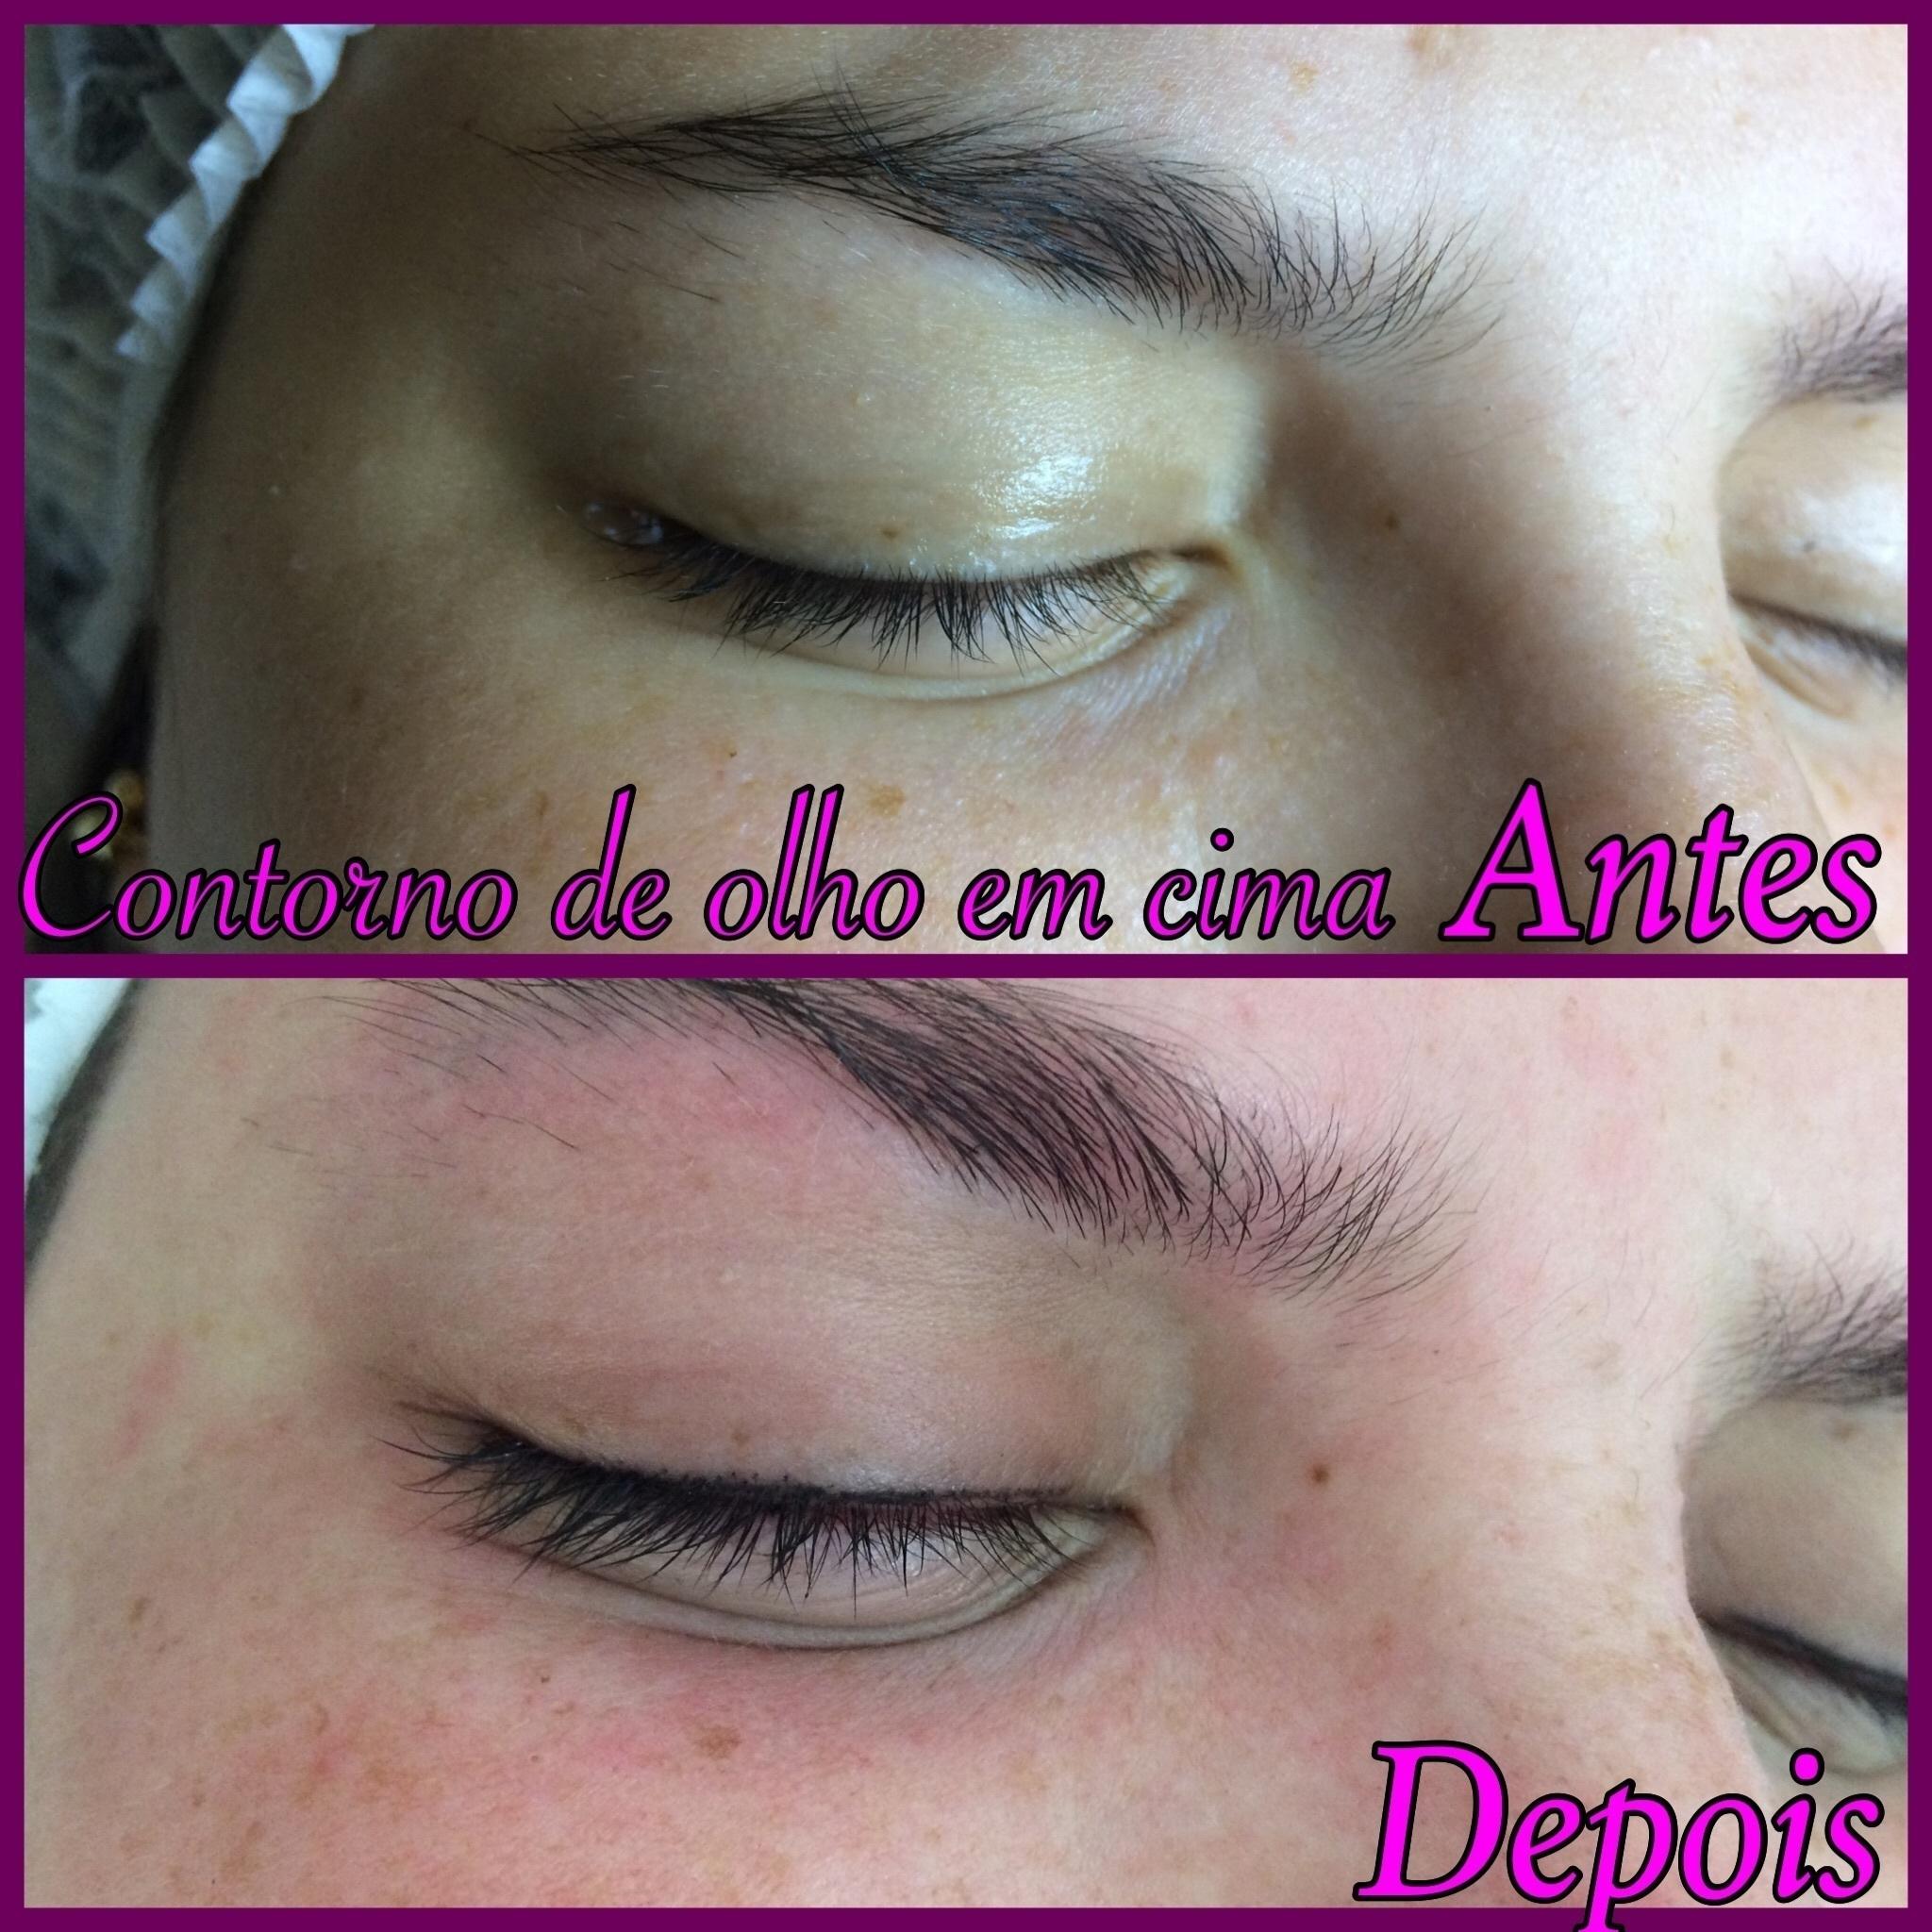 Micropigmentação contorno de olhos... outros designer de sobrancelhas esteticista depilador(a) micropigmentador(a)